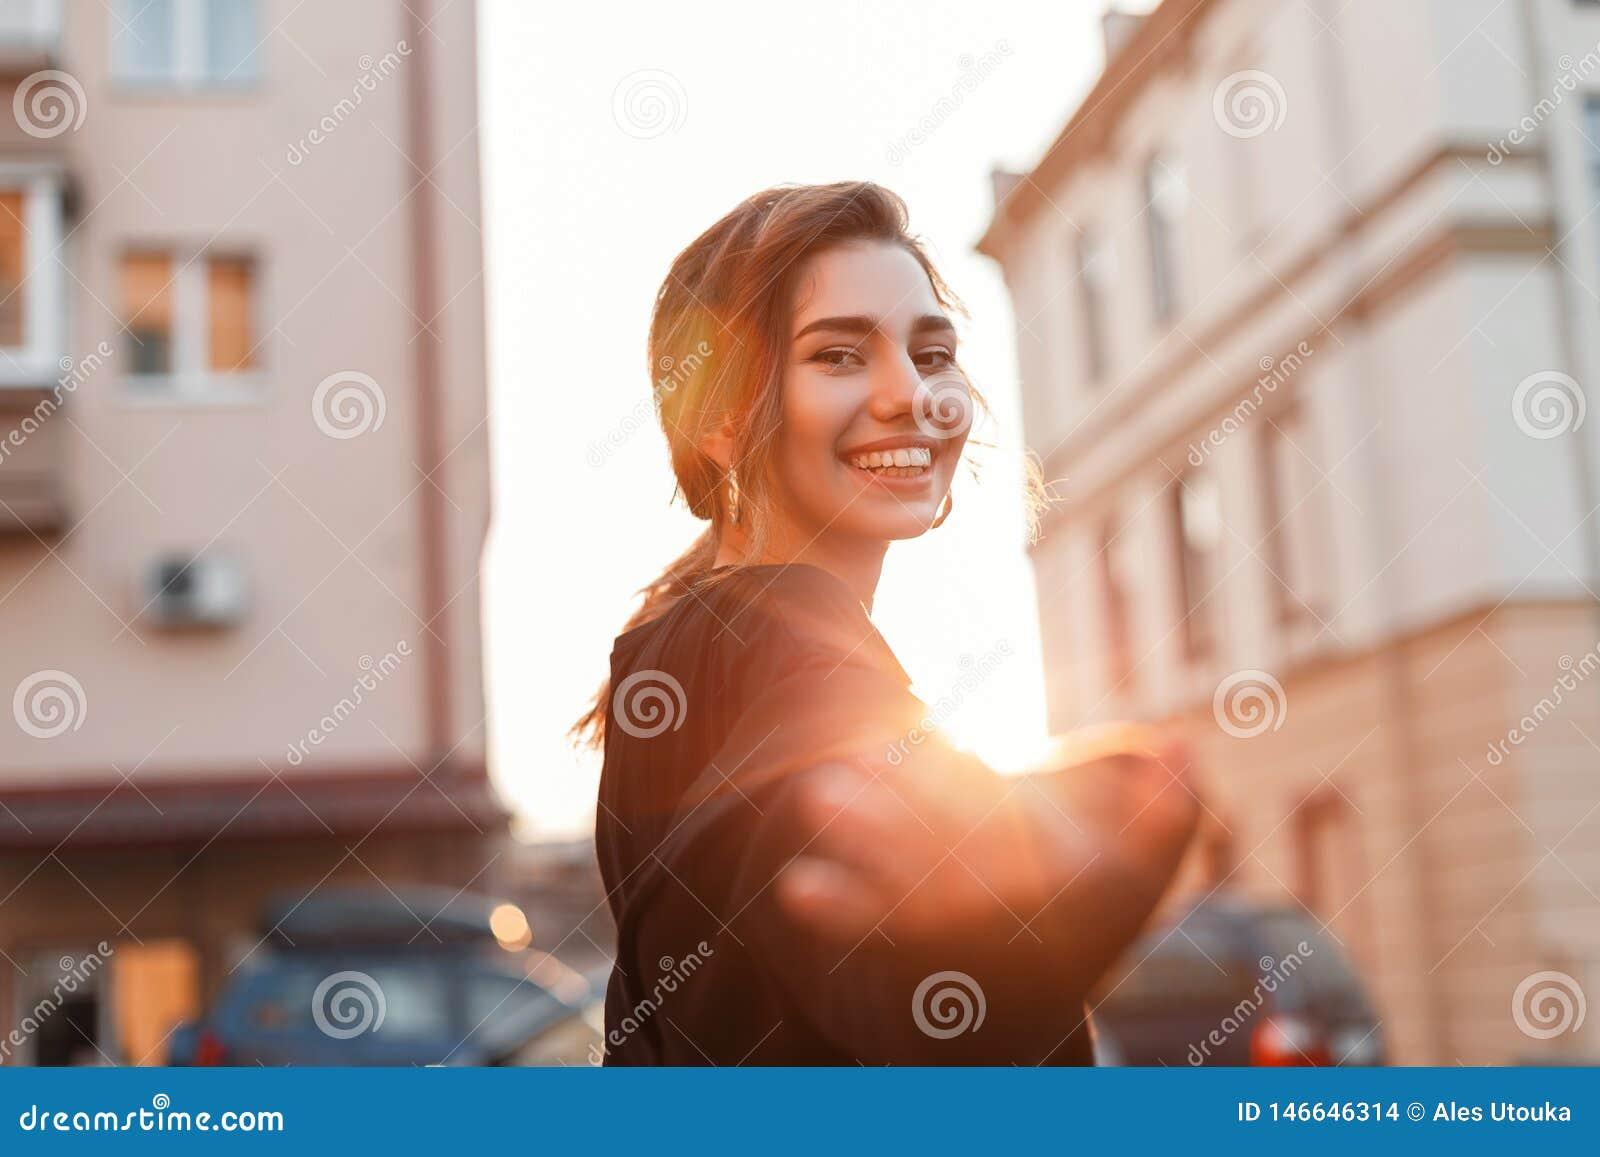 Portret van een vrolijke blije mooie jonge vrouw met een leuke glimlach in modieuze zwarte kleren in openlucht in de stad